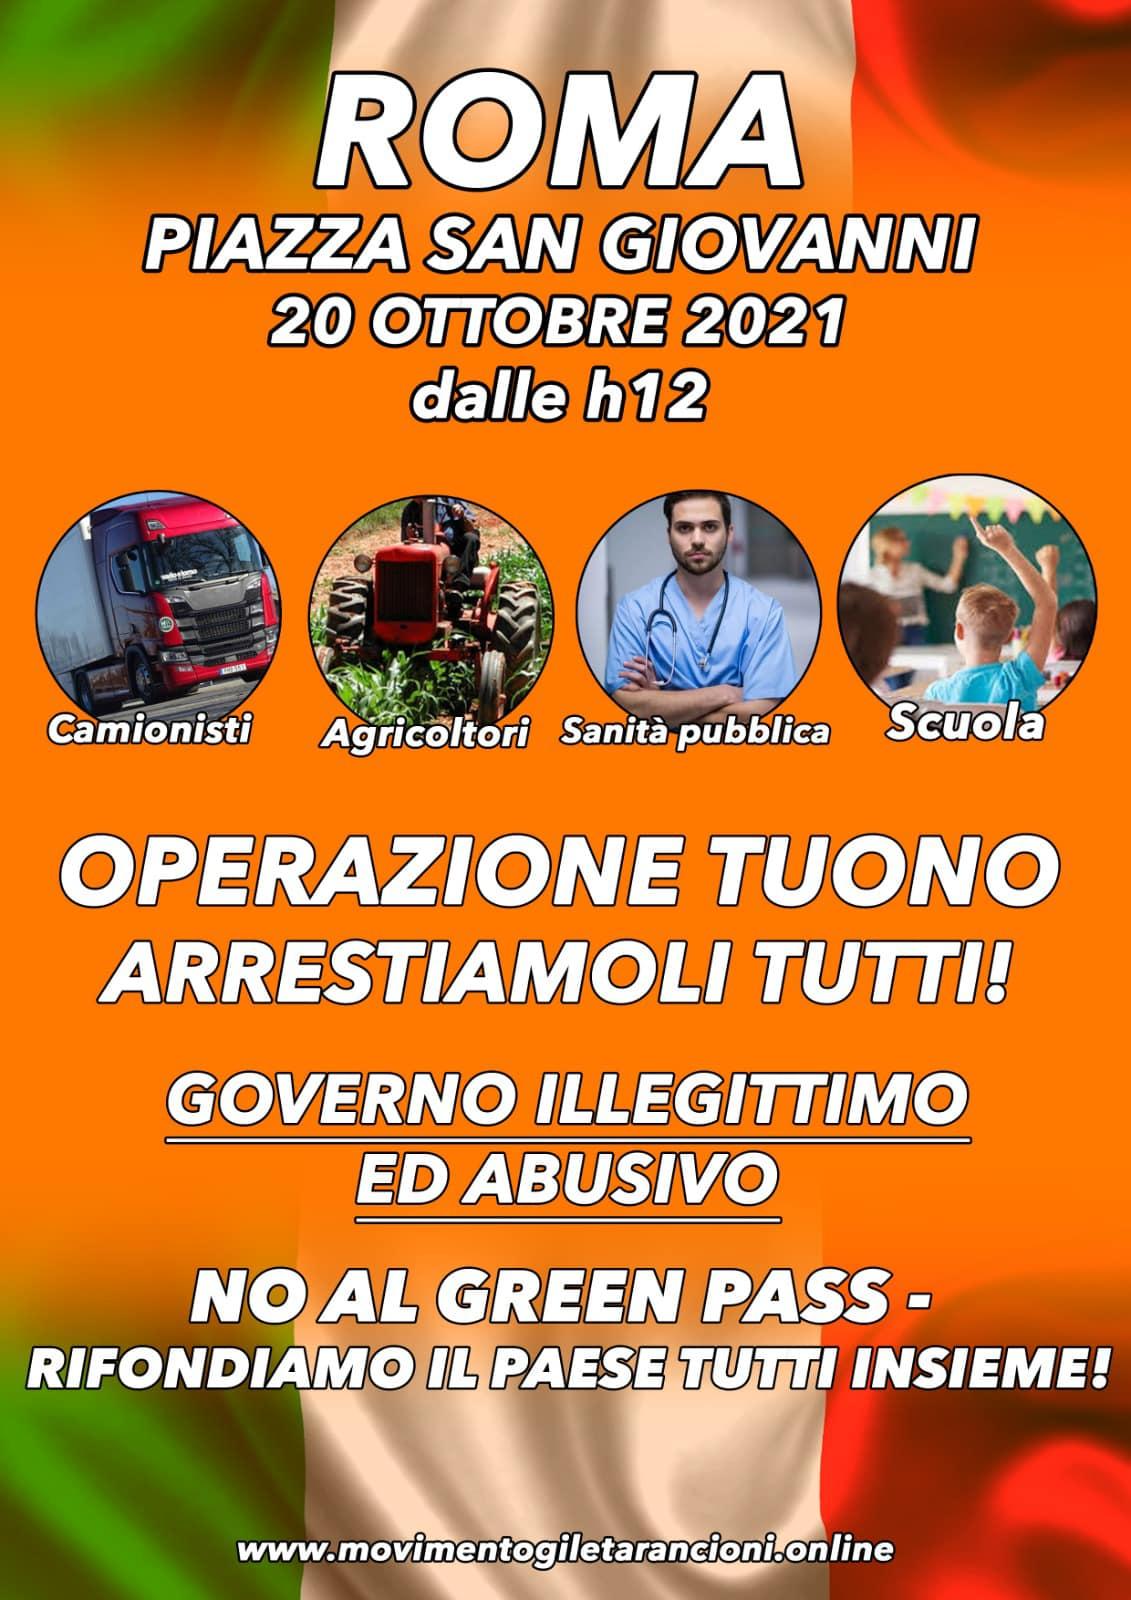 Maurizio Sarlo – Evoluzione 📍🇮🇹 Oggi, 15 ottobre 2021, presso i Porti più strategici d'Italia e il 20 ottobre in Roma, dobbiamo dare spazio alla prima ed etica Evoluzione della Storia!